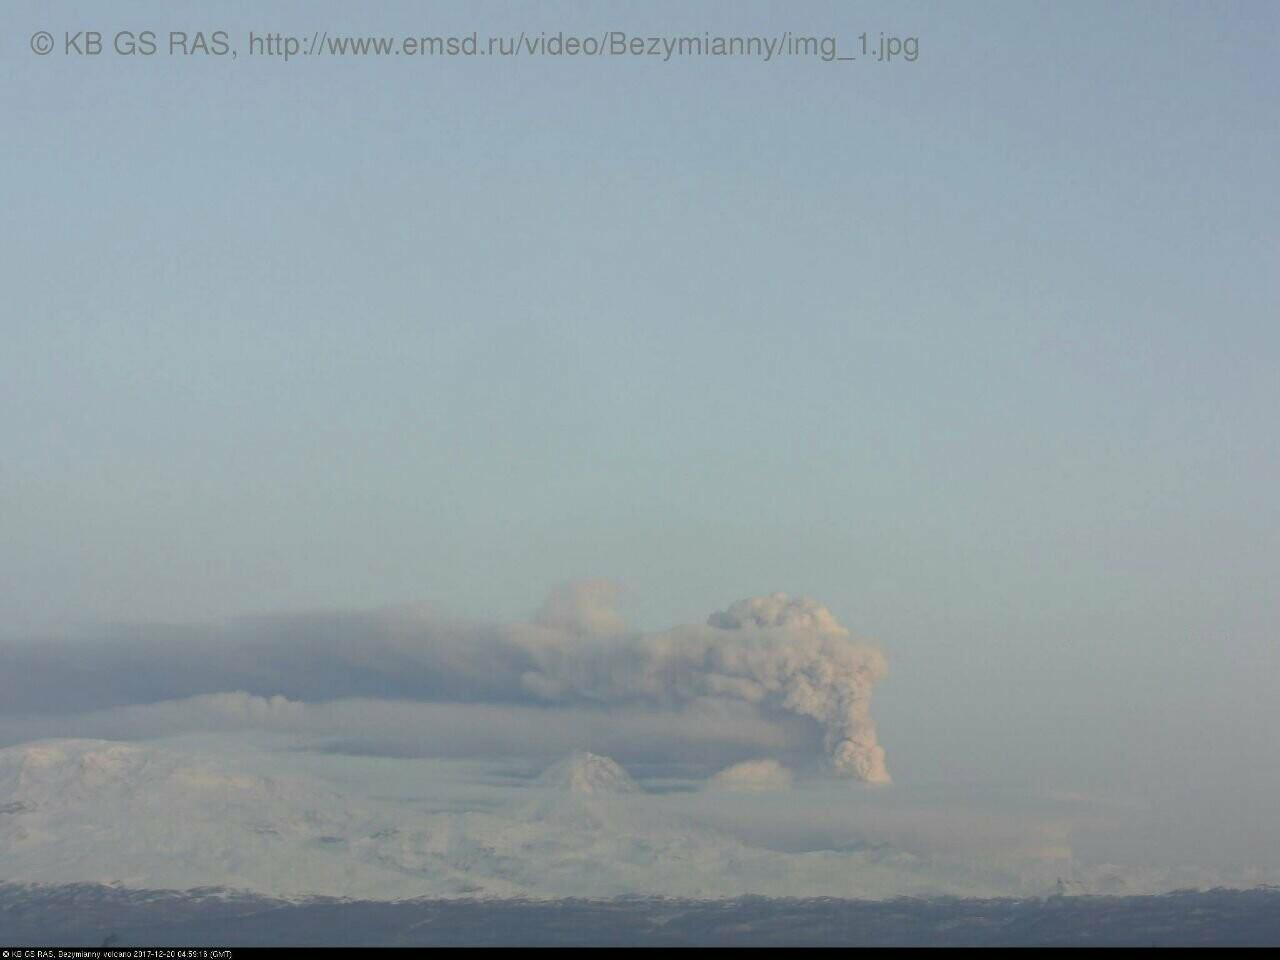 На Камчатке Безымянный «выстрелил» пеплом на 15 км, фото-3